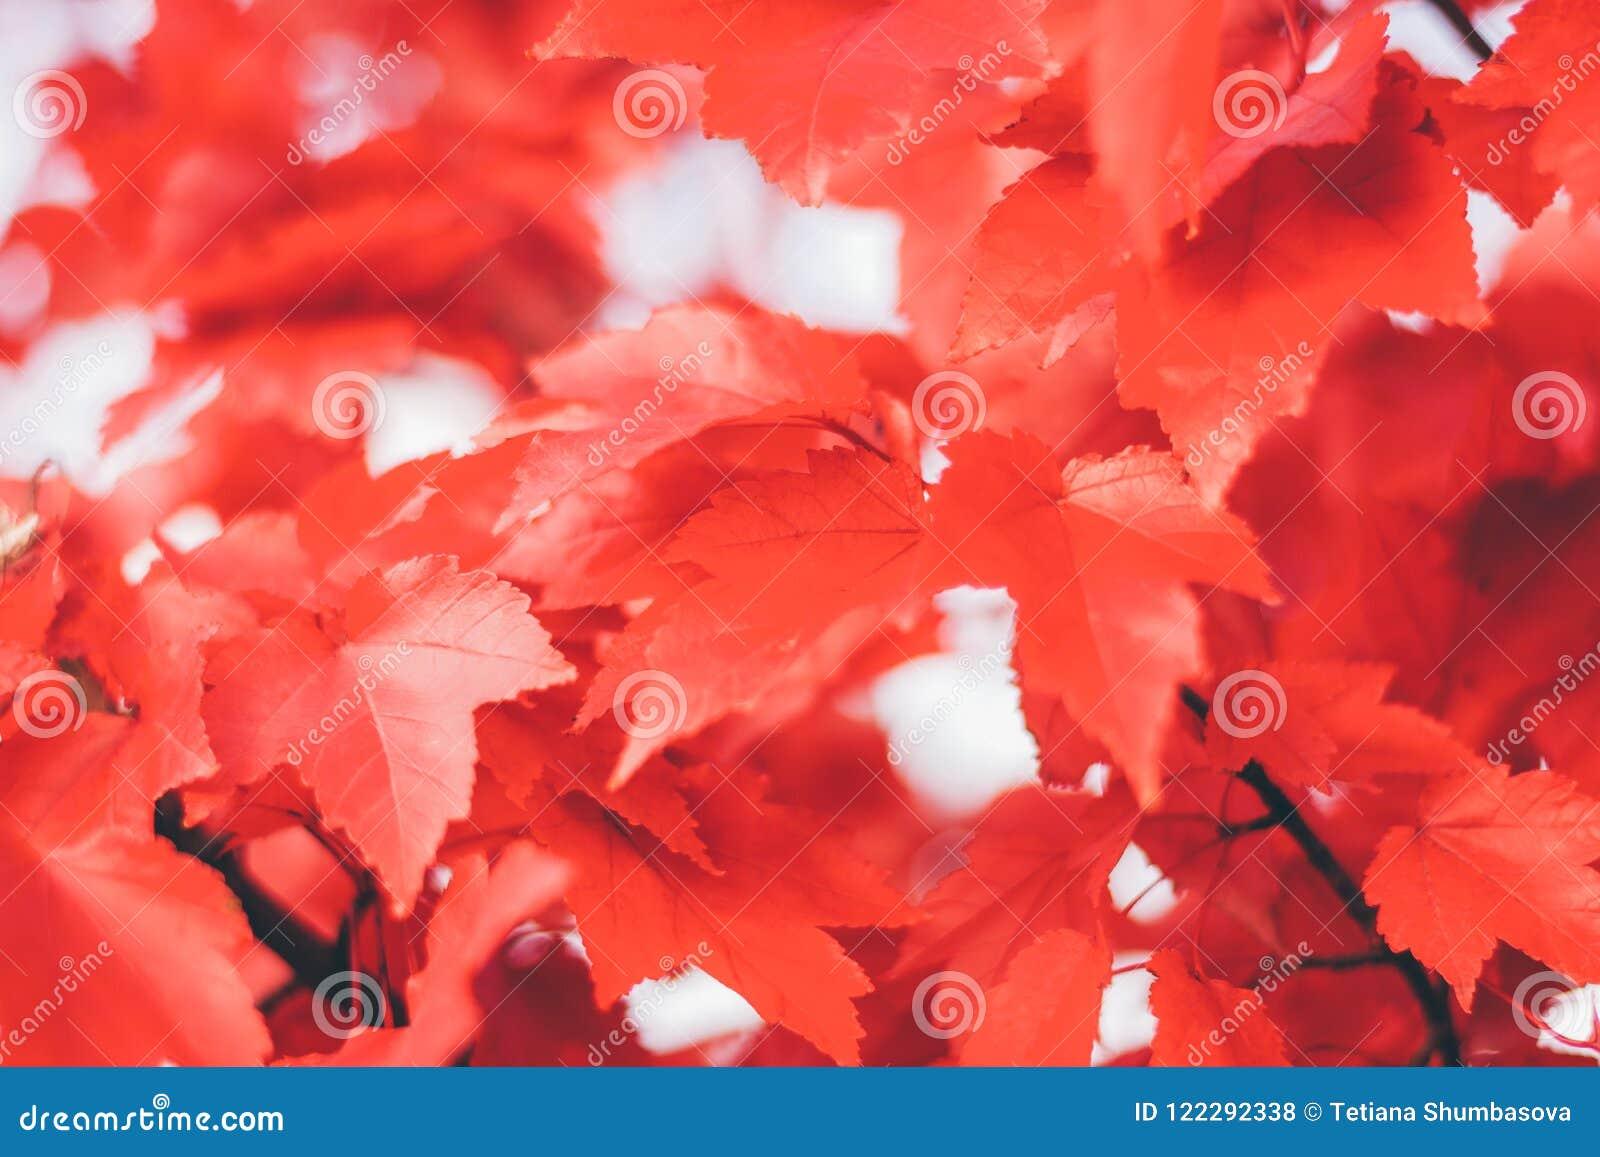 Κλείστε επάνω τα κόκκινα φύλλα σφενδάμου